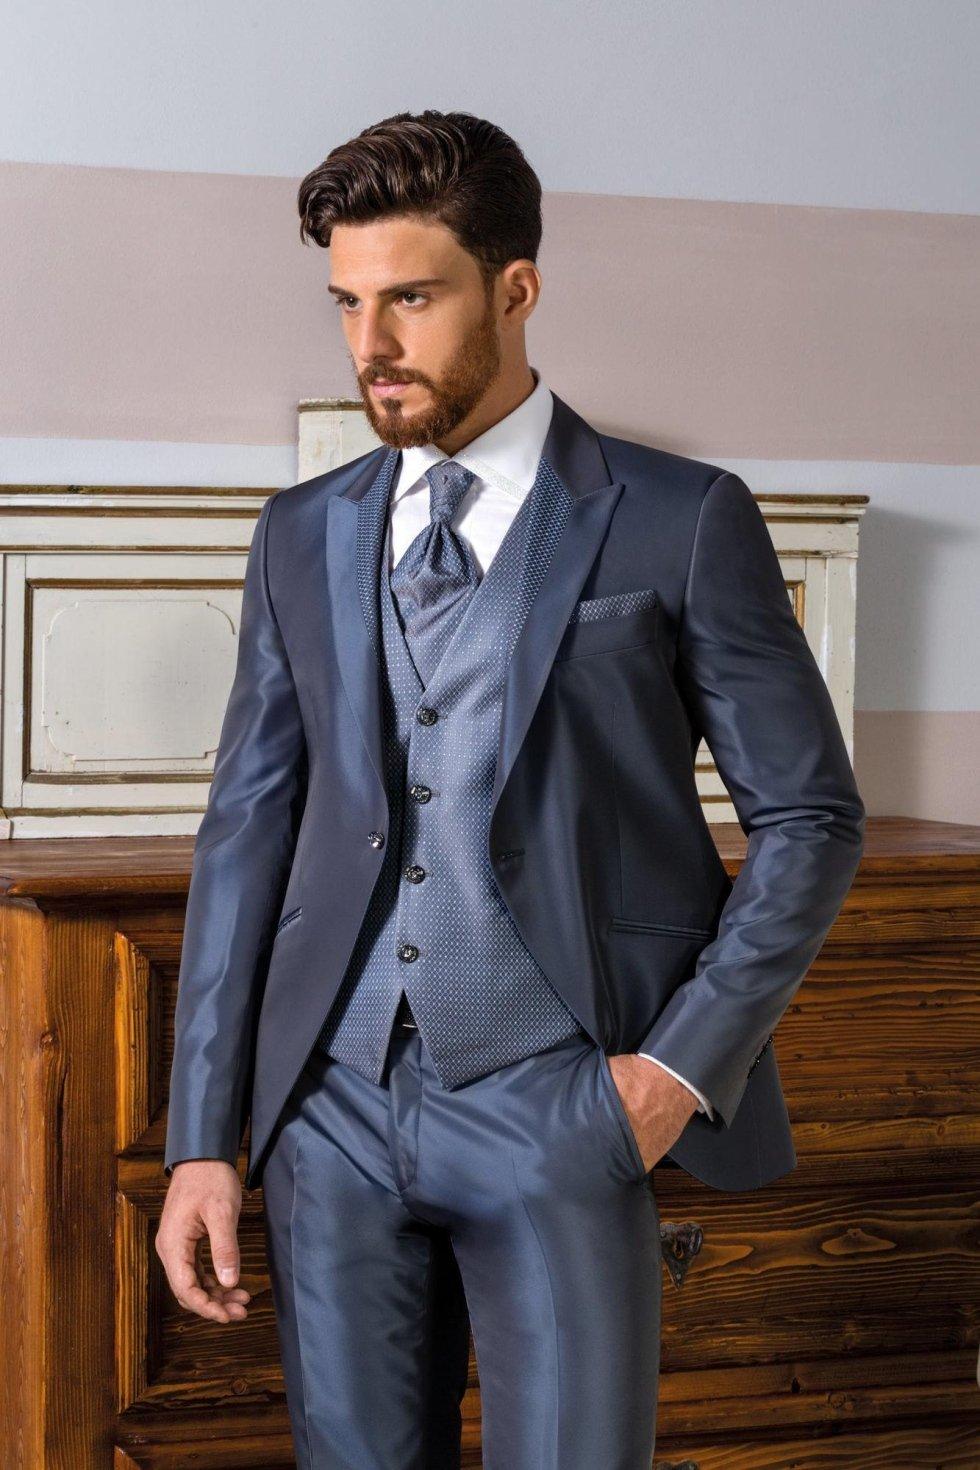 Vestito da sposo coordinato giacca stondata con profili revers e bottoni swarovski